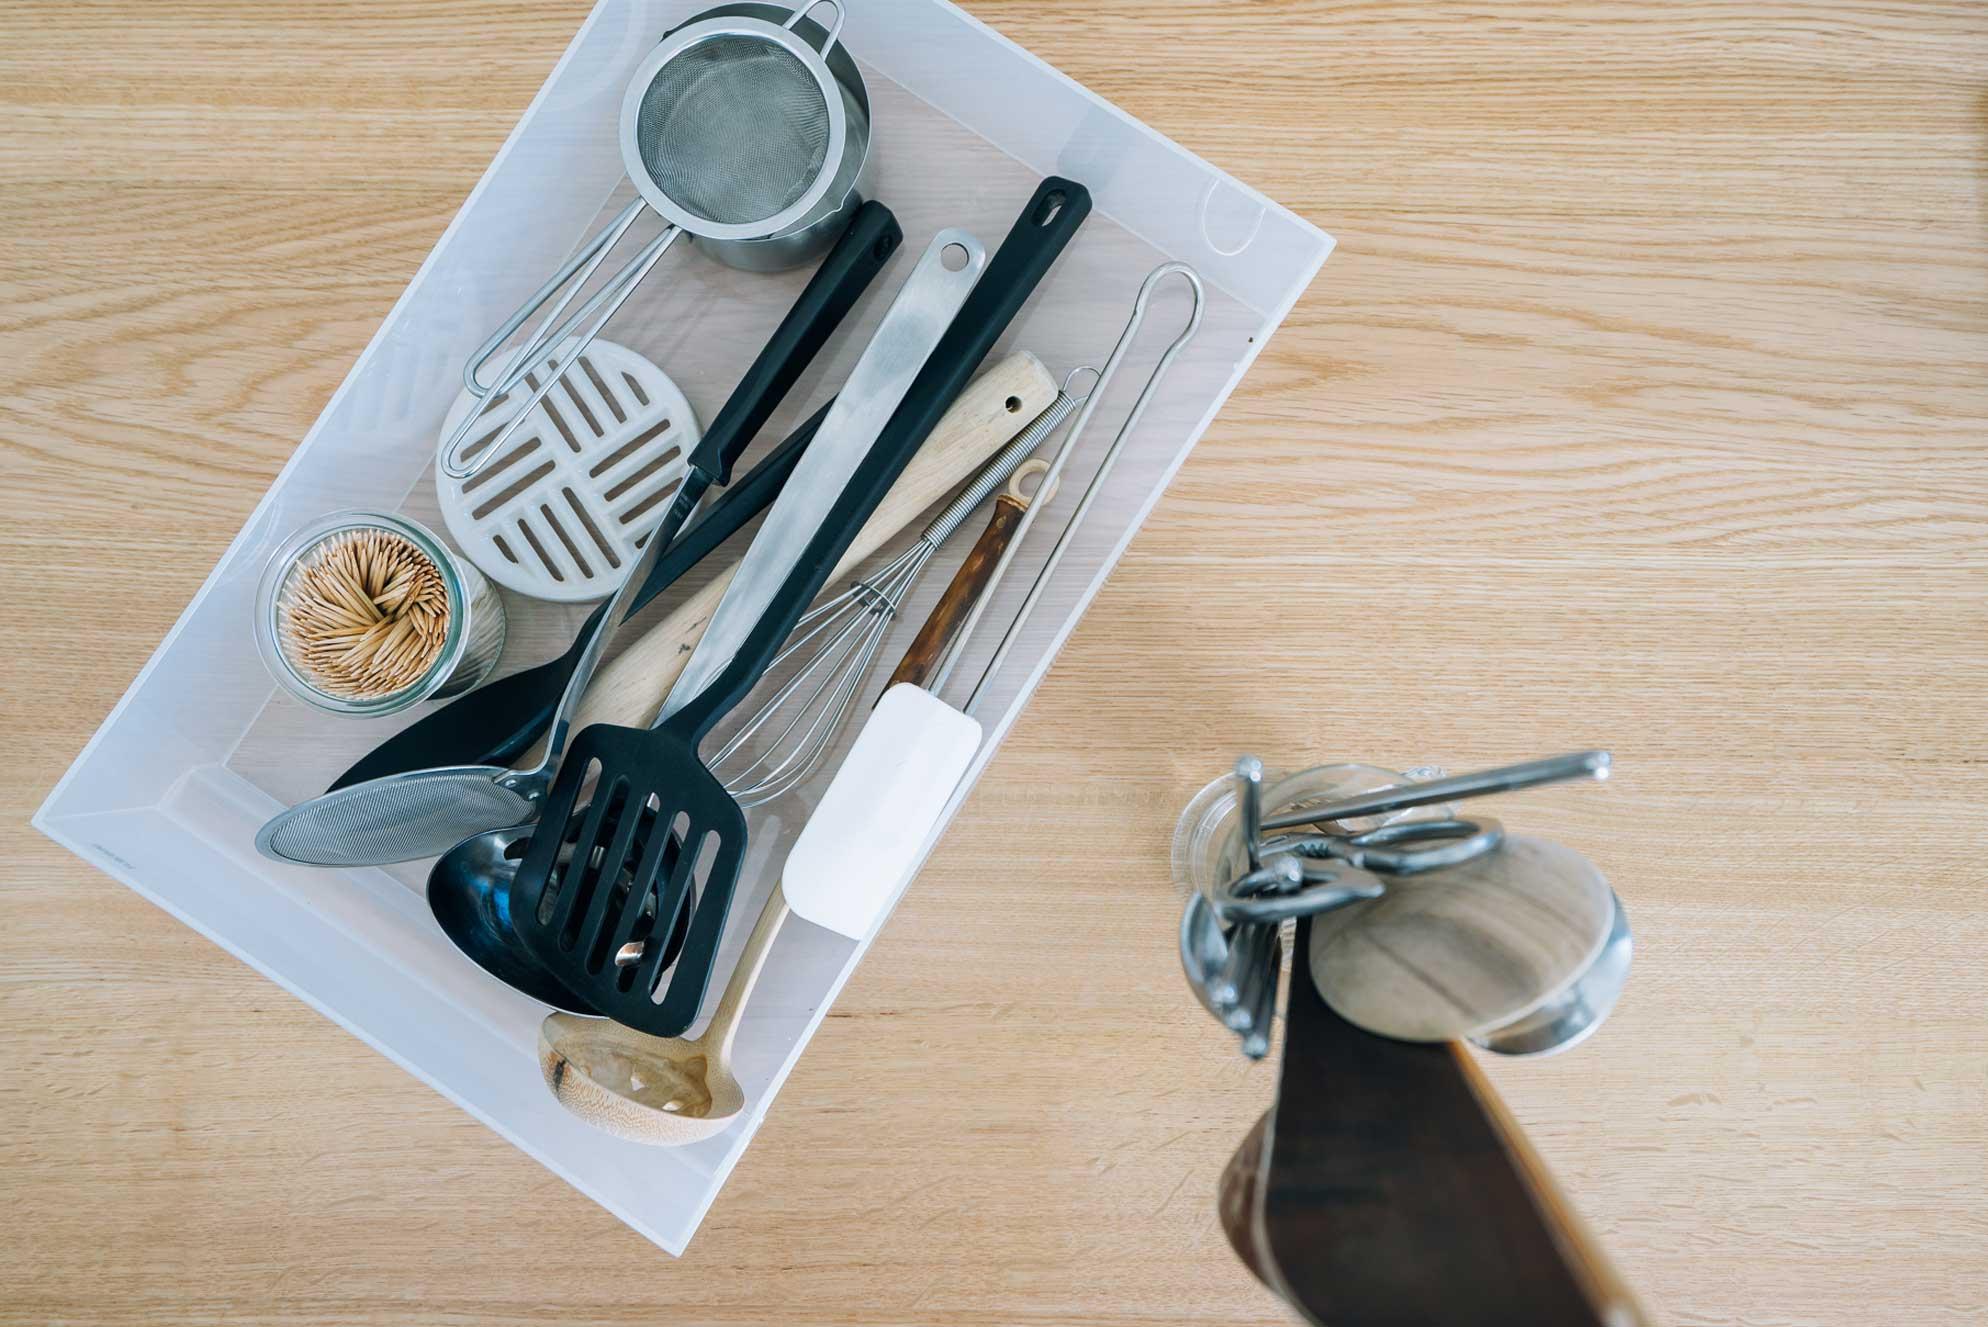 いま使っているキッチンツールはこれだけ。使用頻度の低いものは手放した。